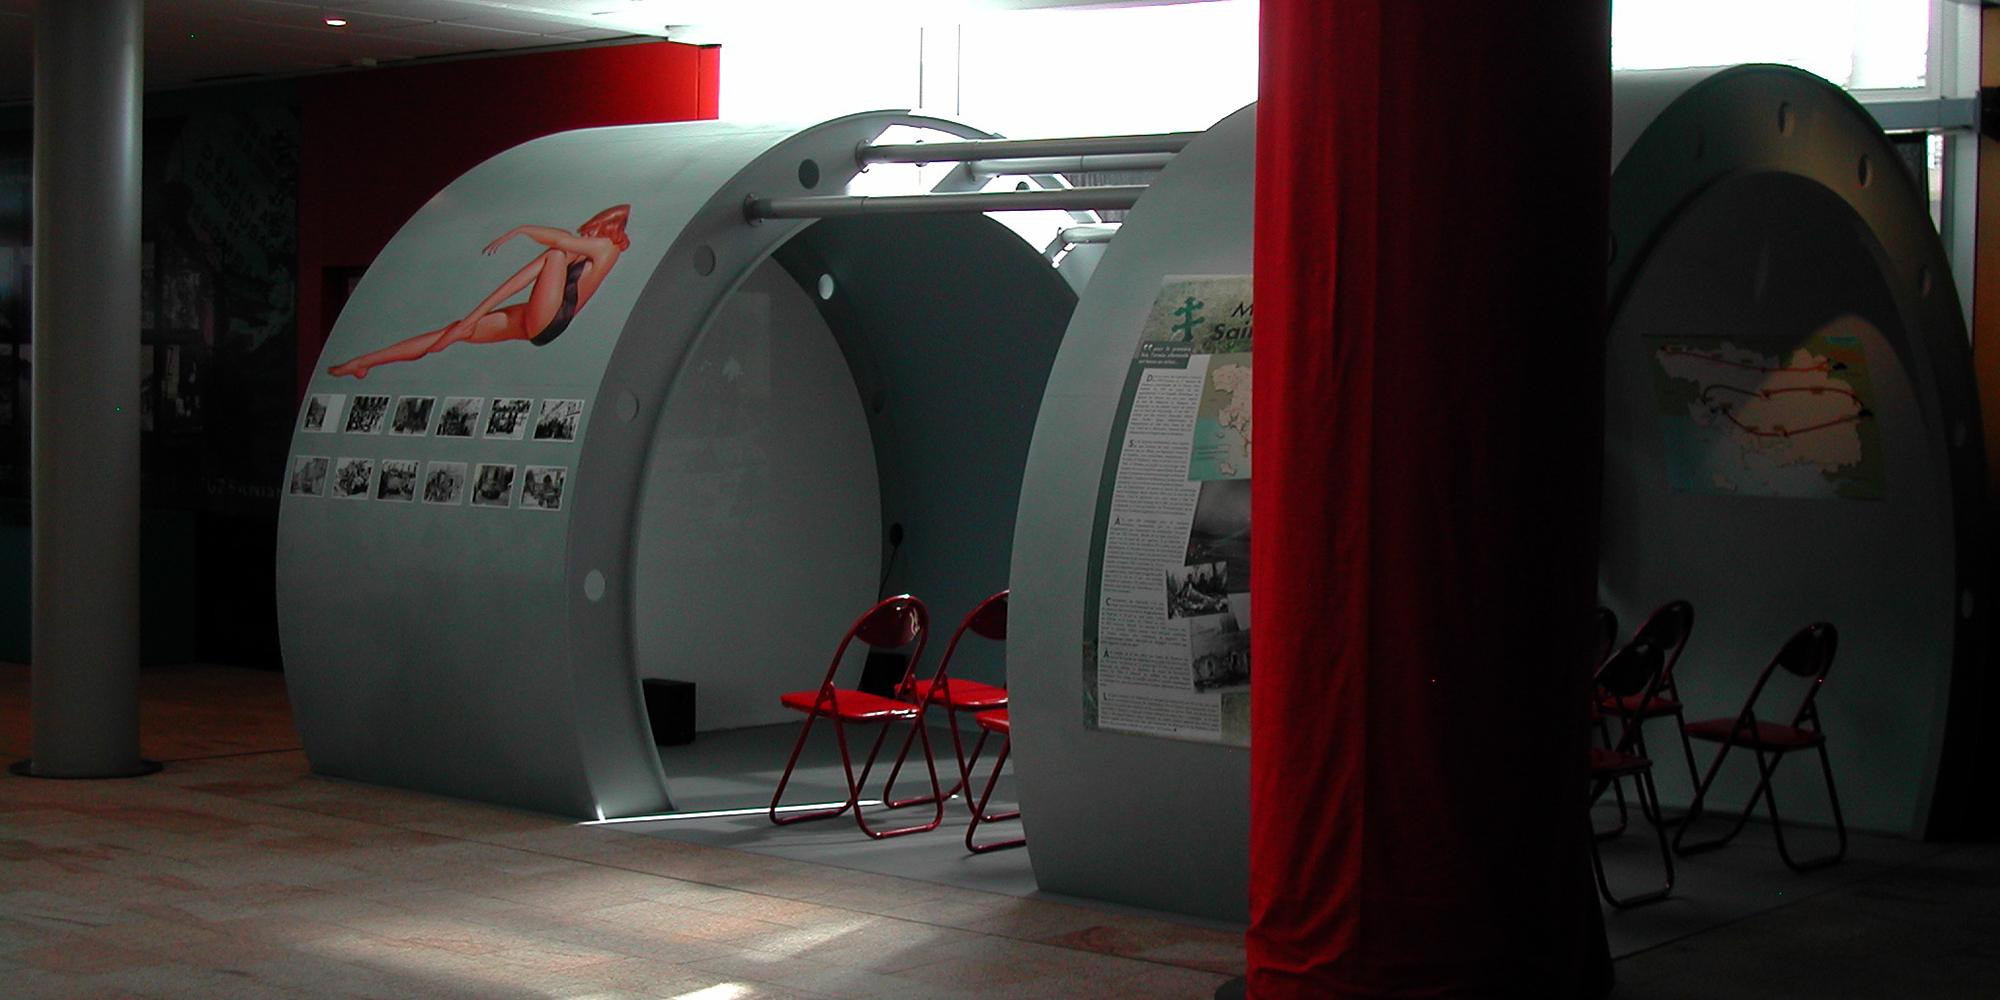 création d'un décor d'exposition suggérant la carlingue un avion bombardier avec peinture de pin-up et projection vidéo